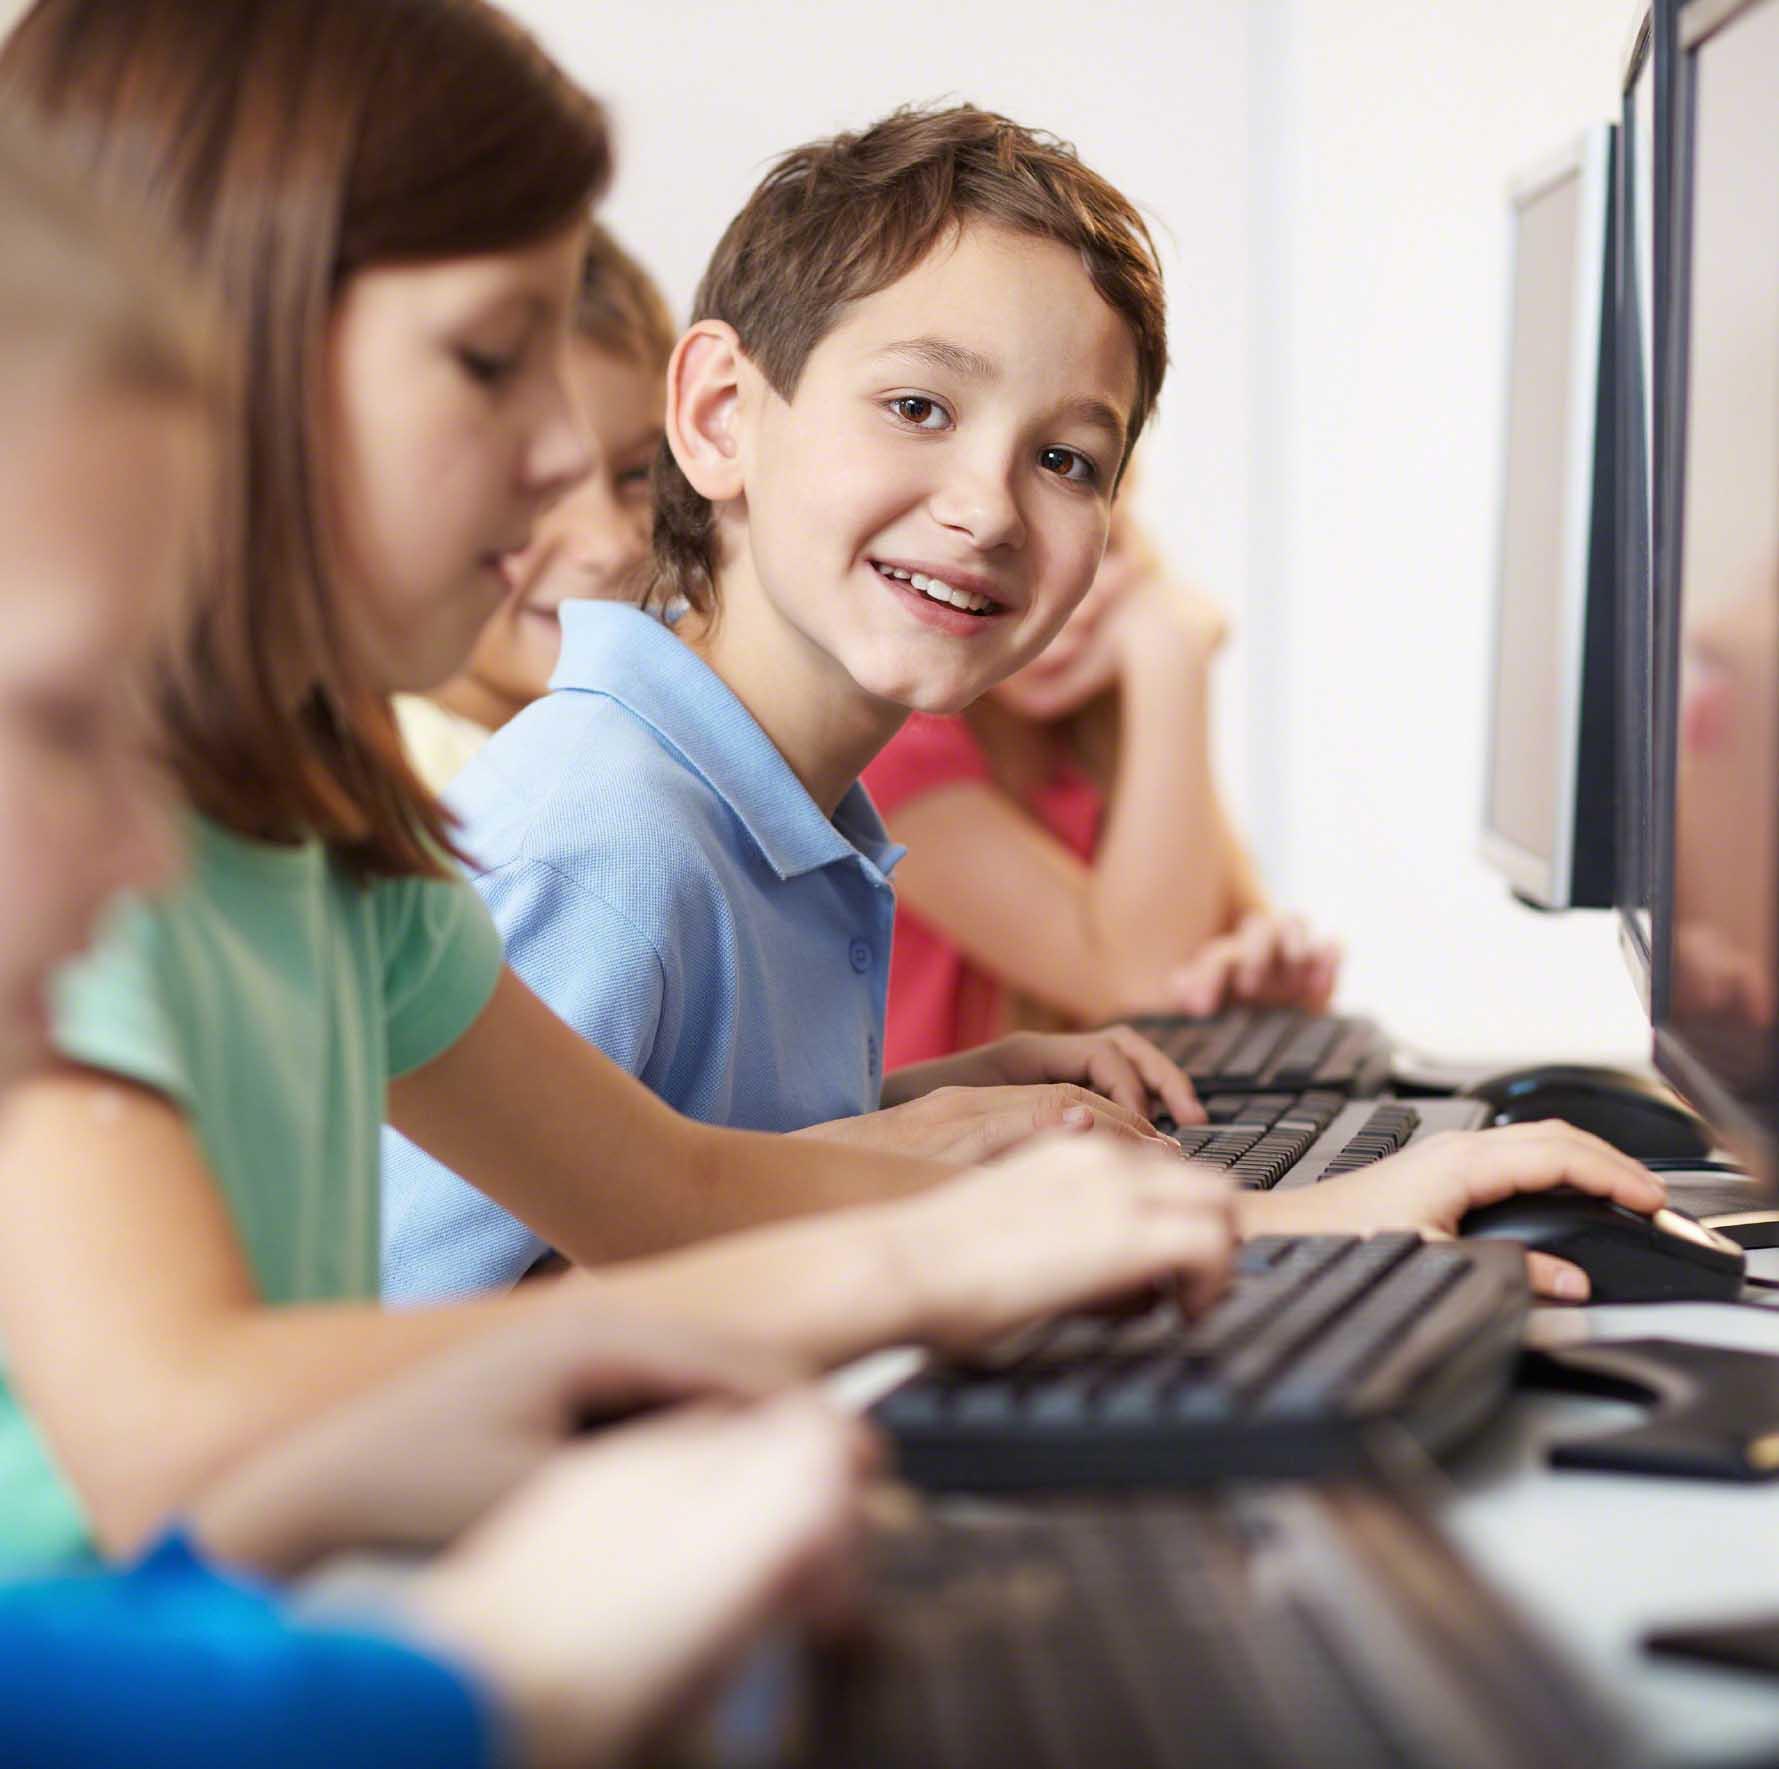 Children Computers